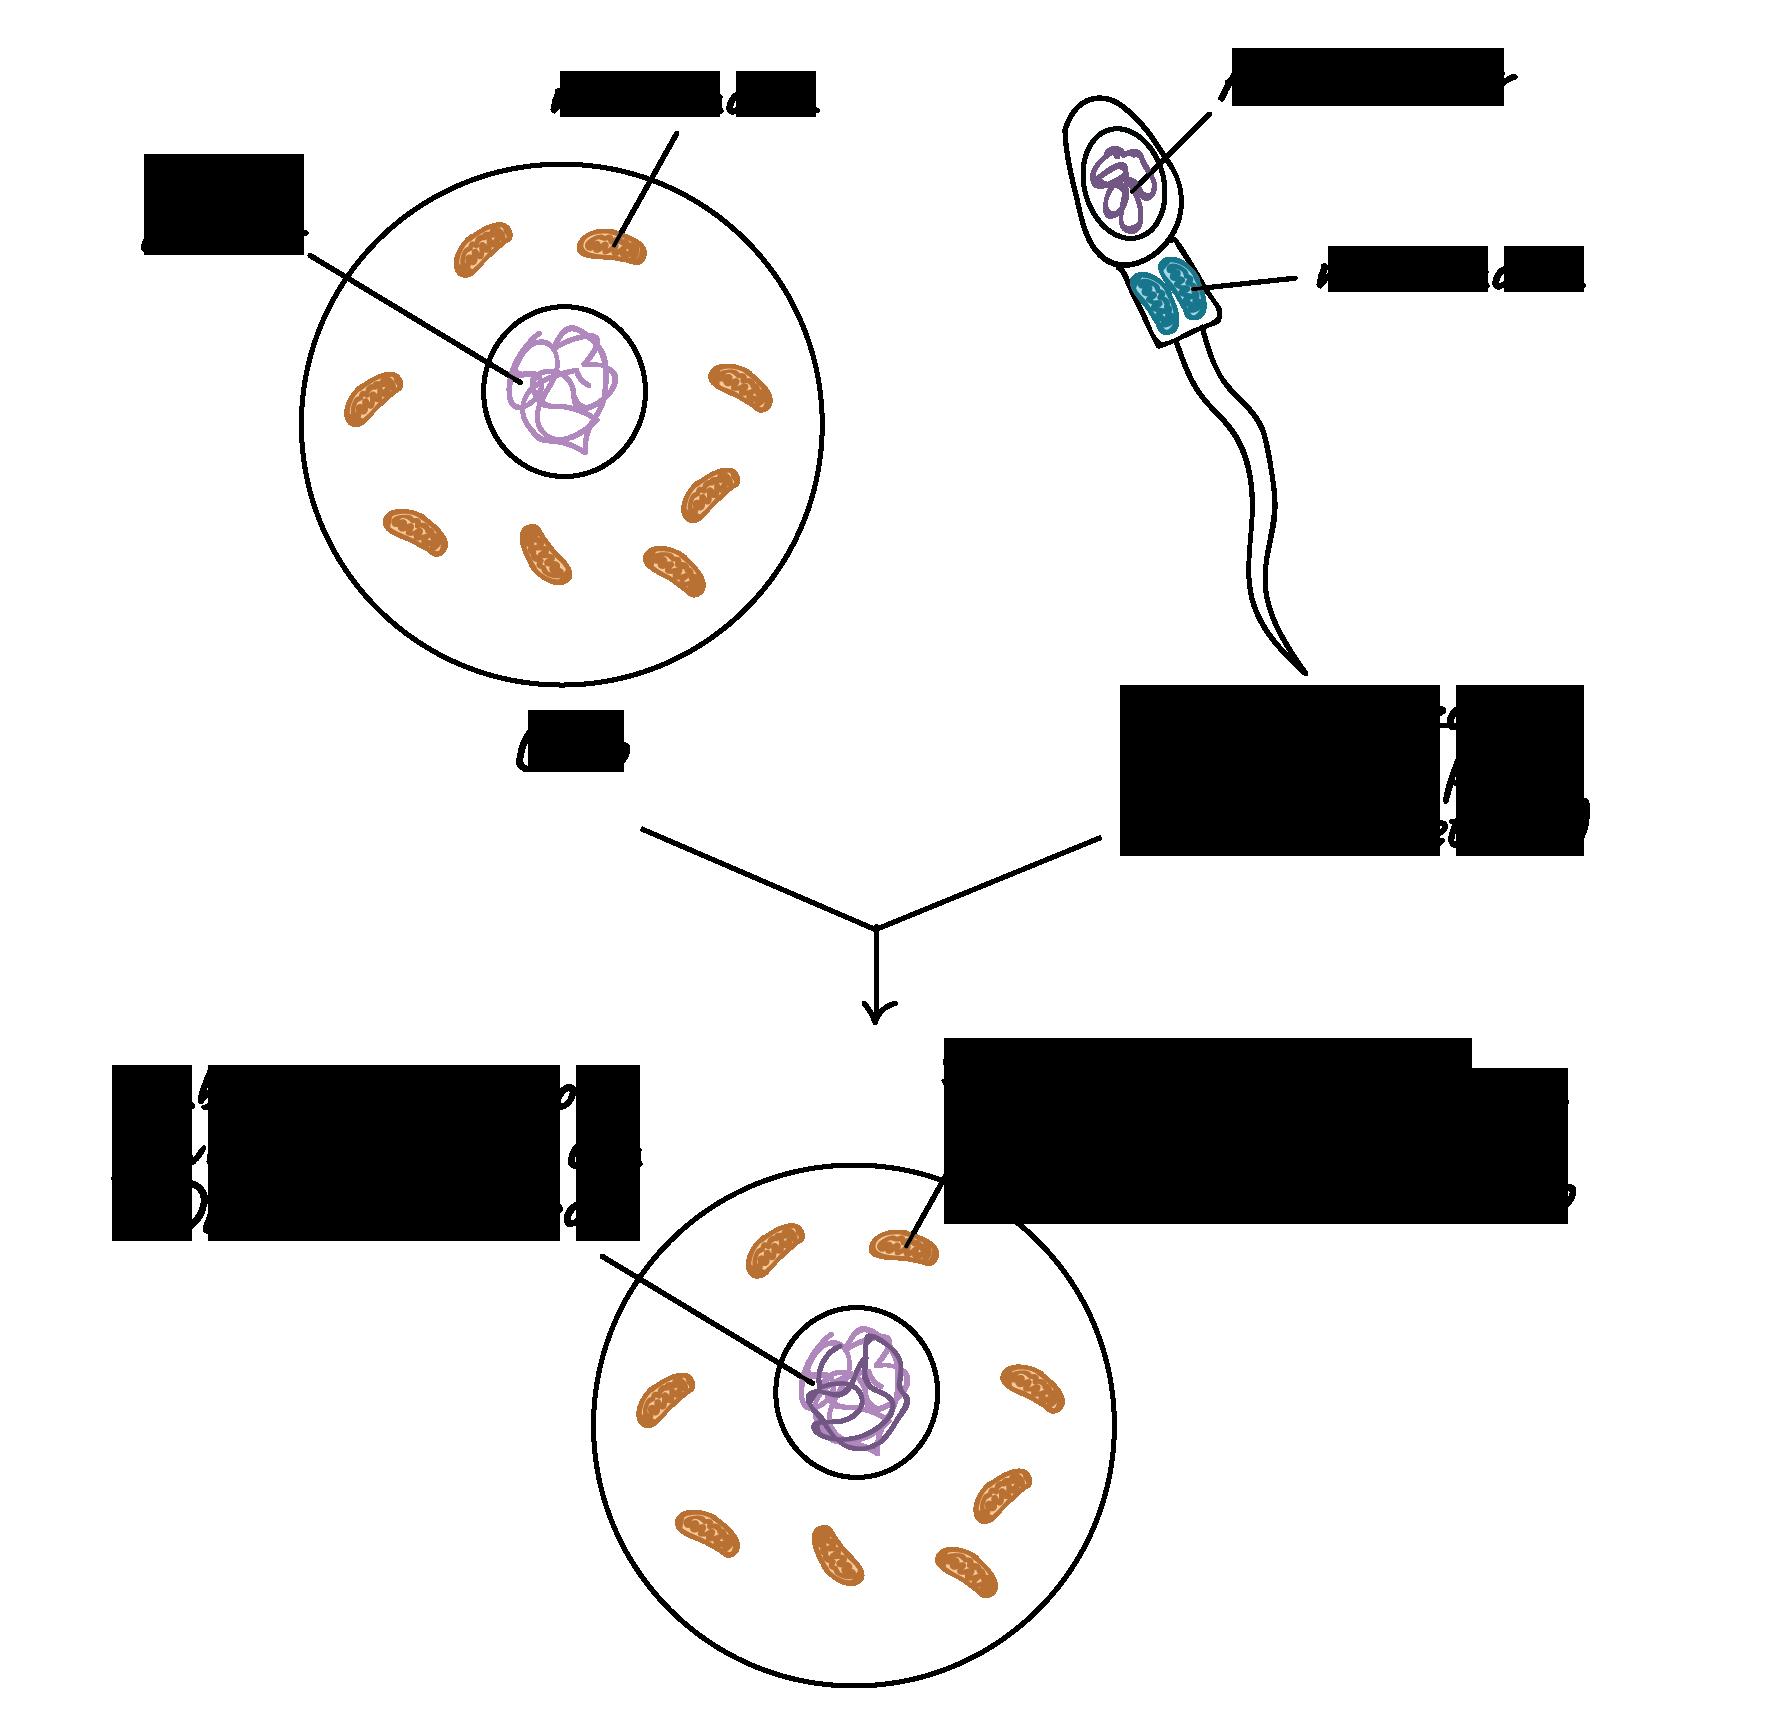 Herencia de ADN mitocondrial y cloroplástico (artículo) | Khan Academy